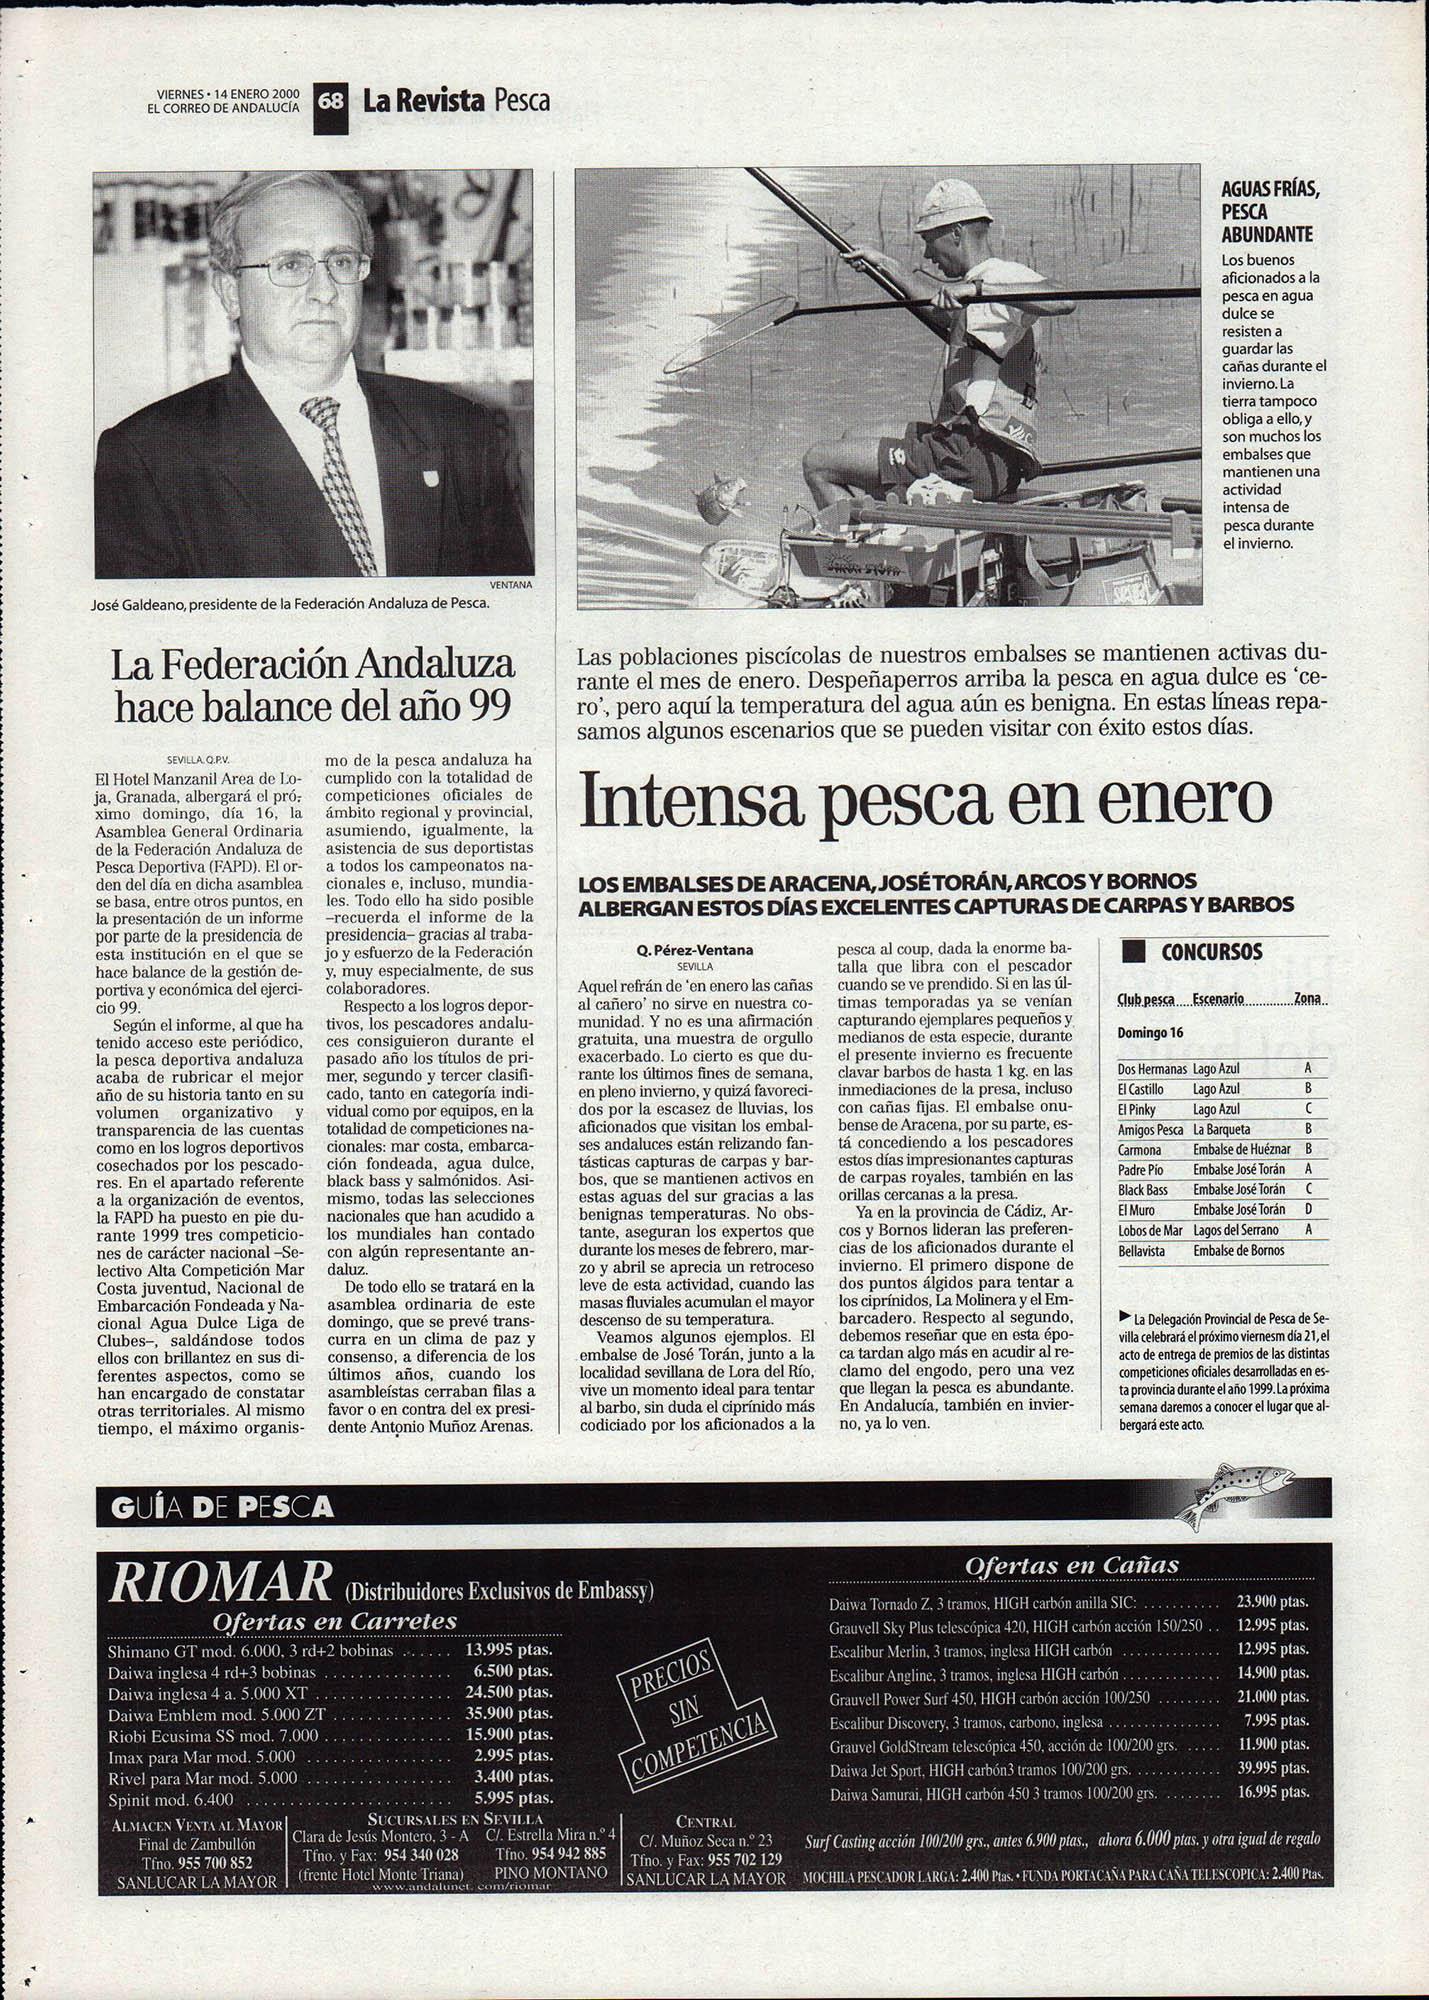 Pesca deportiva / La federación Andaluza hace balance del año 99 | Intensa pesca en enero | El Correo de Andalucía | 14 ene 2000